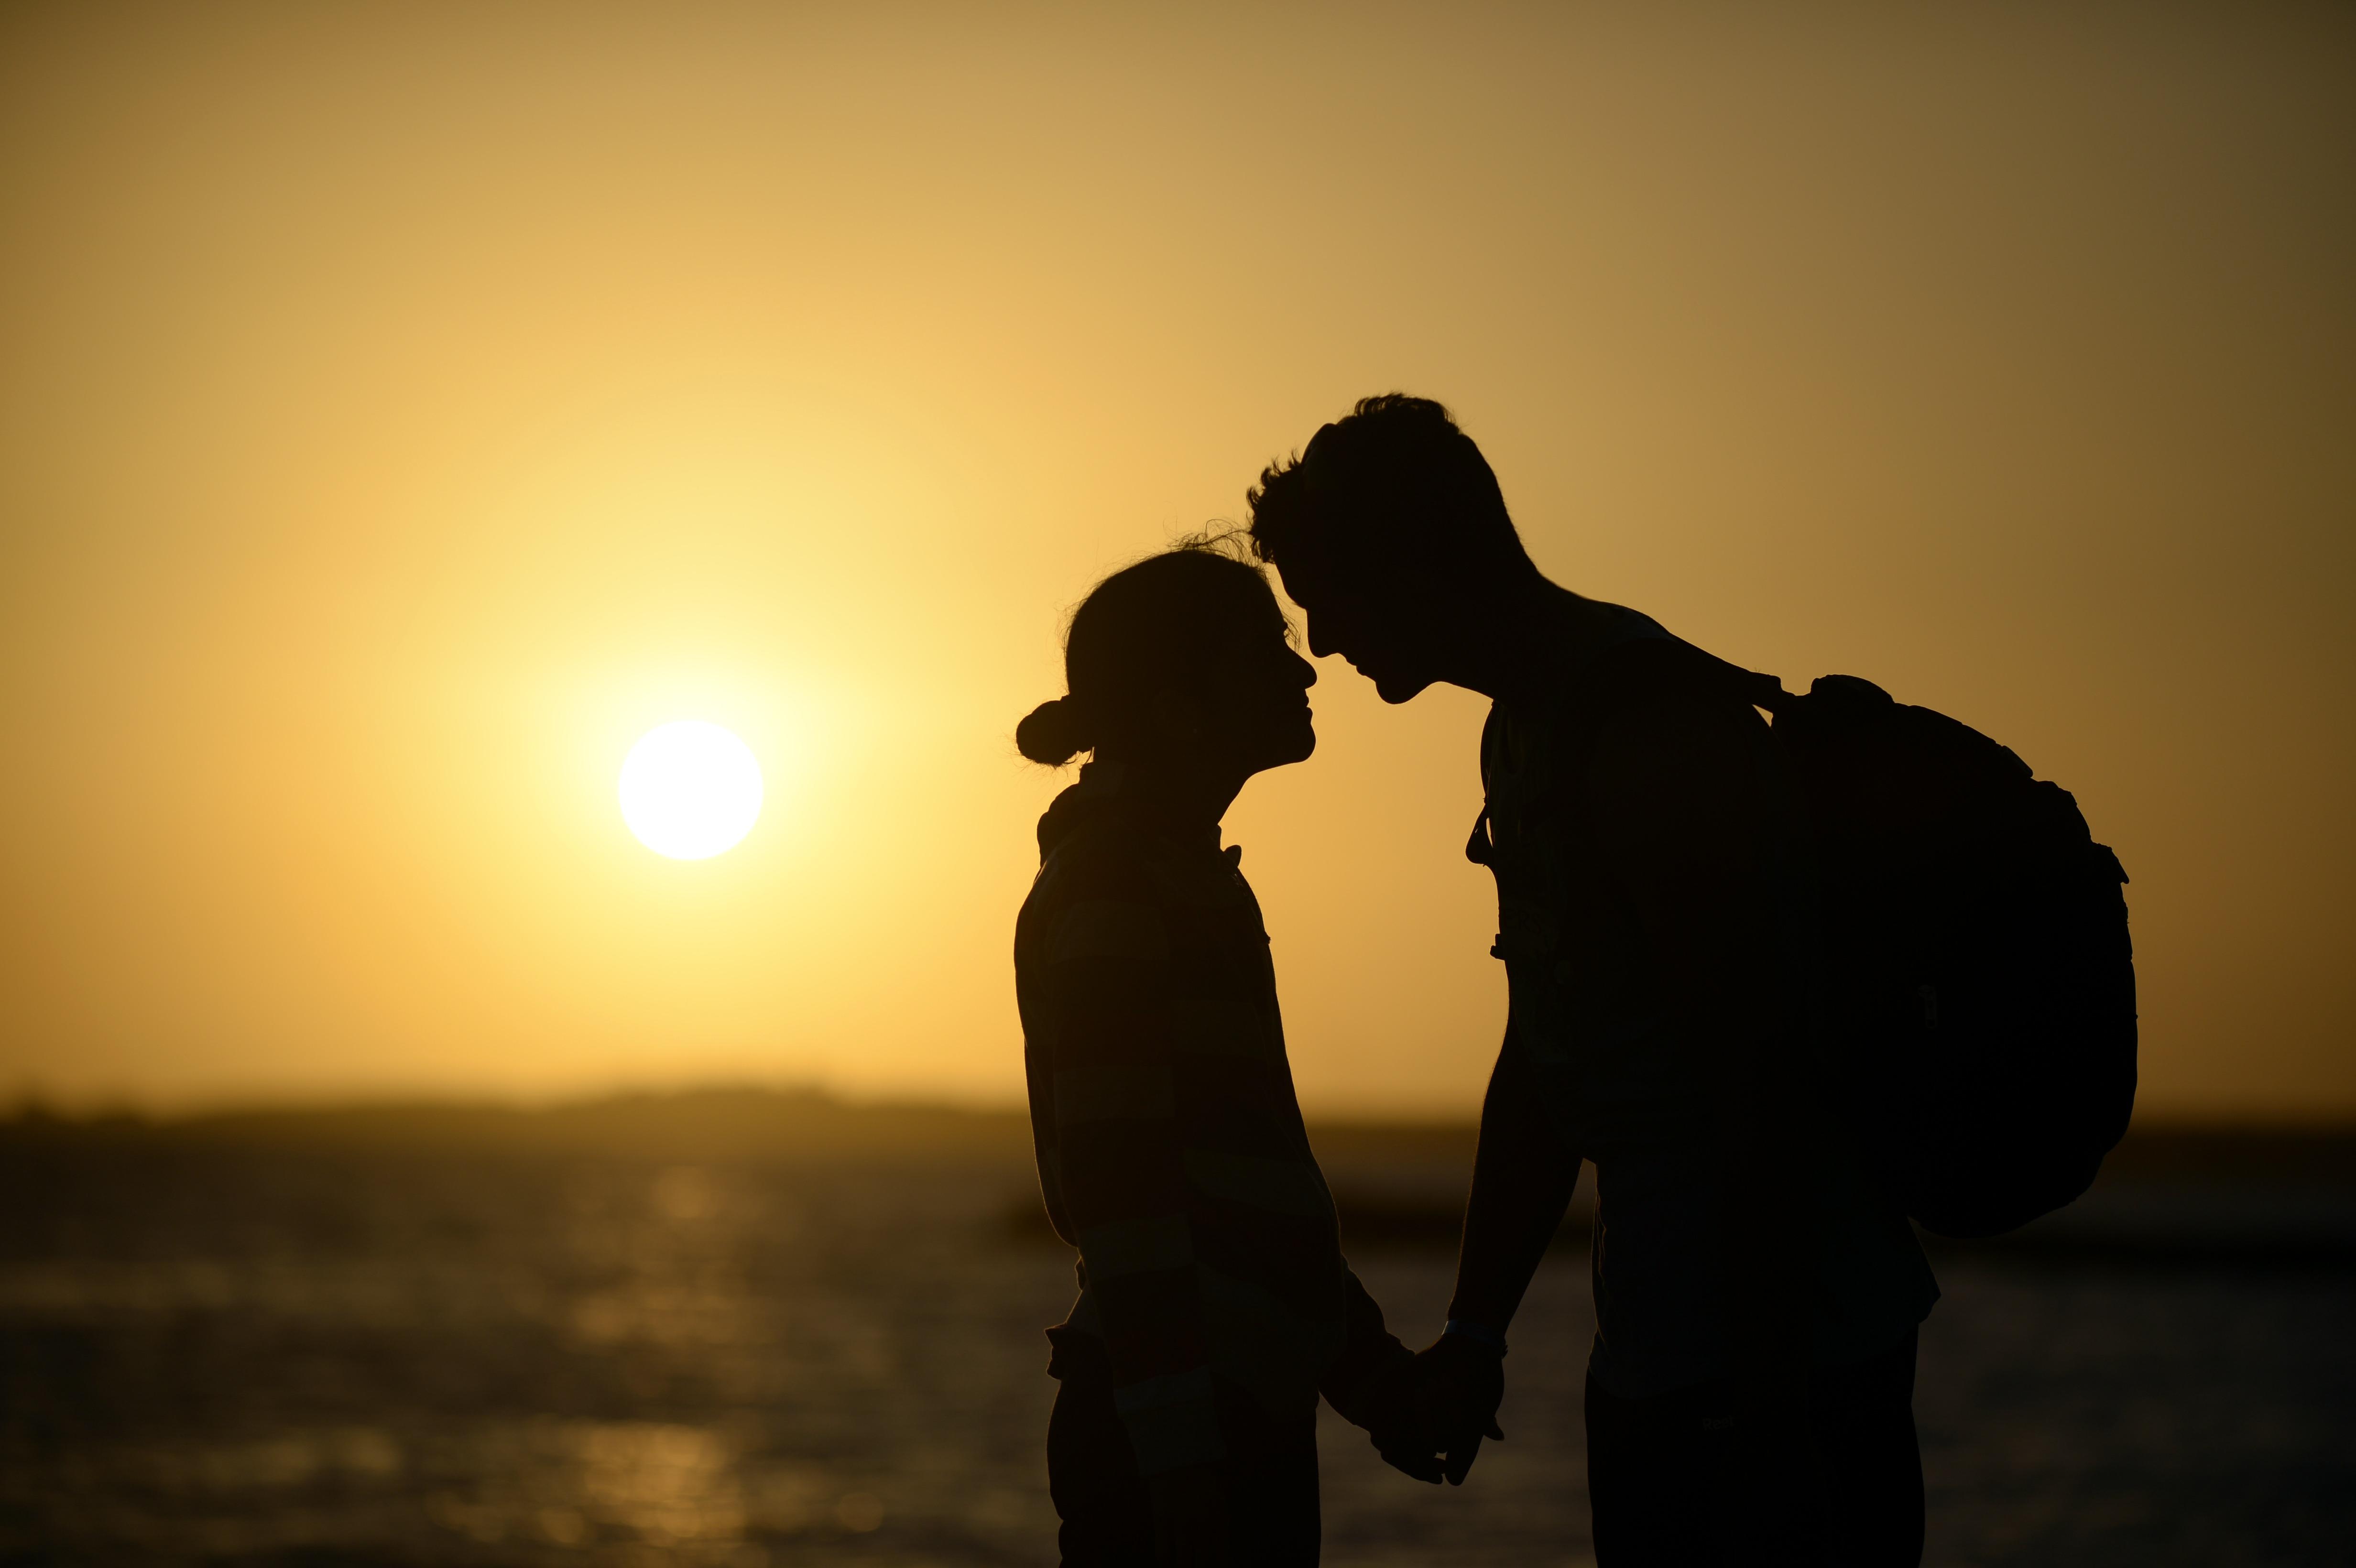 Si finge sorda per tenersi il fidanzato: ecco la storia di una follia d'amore